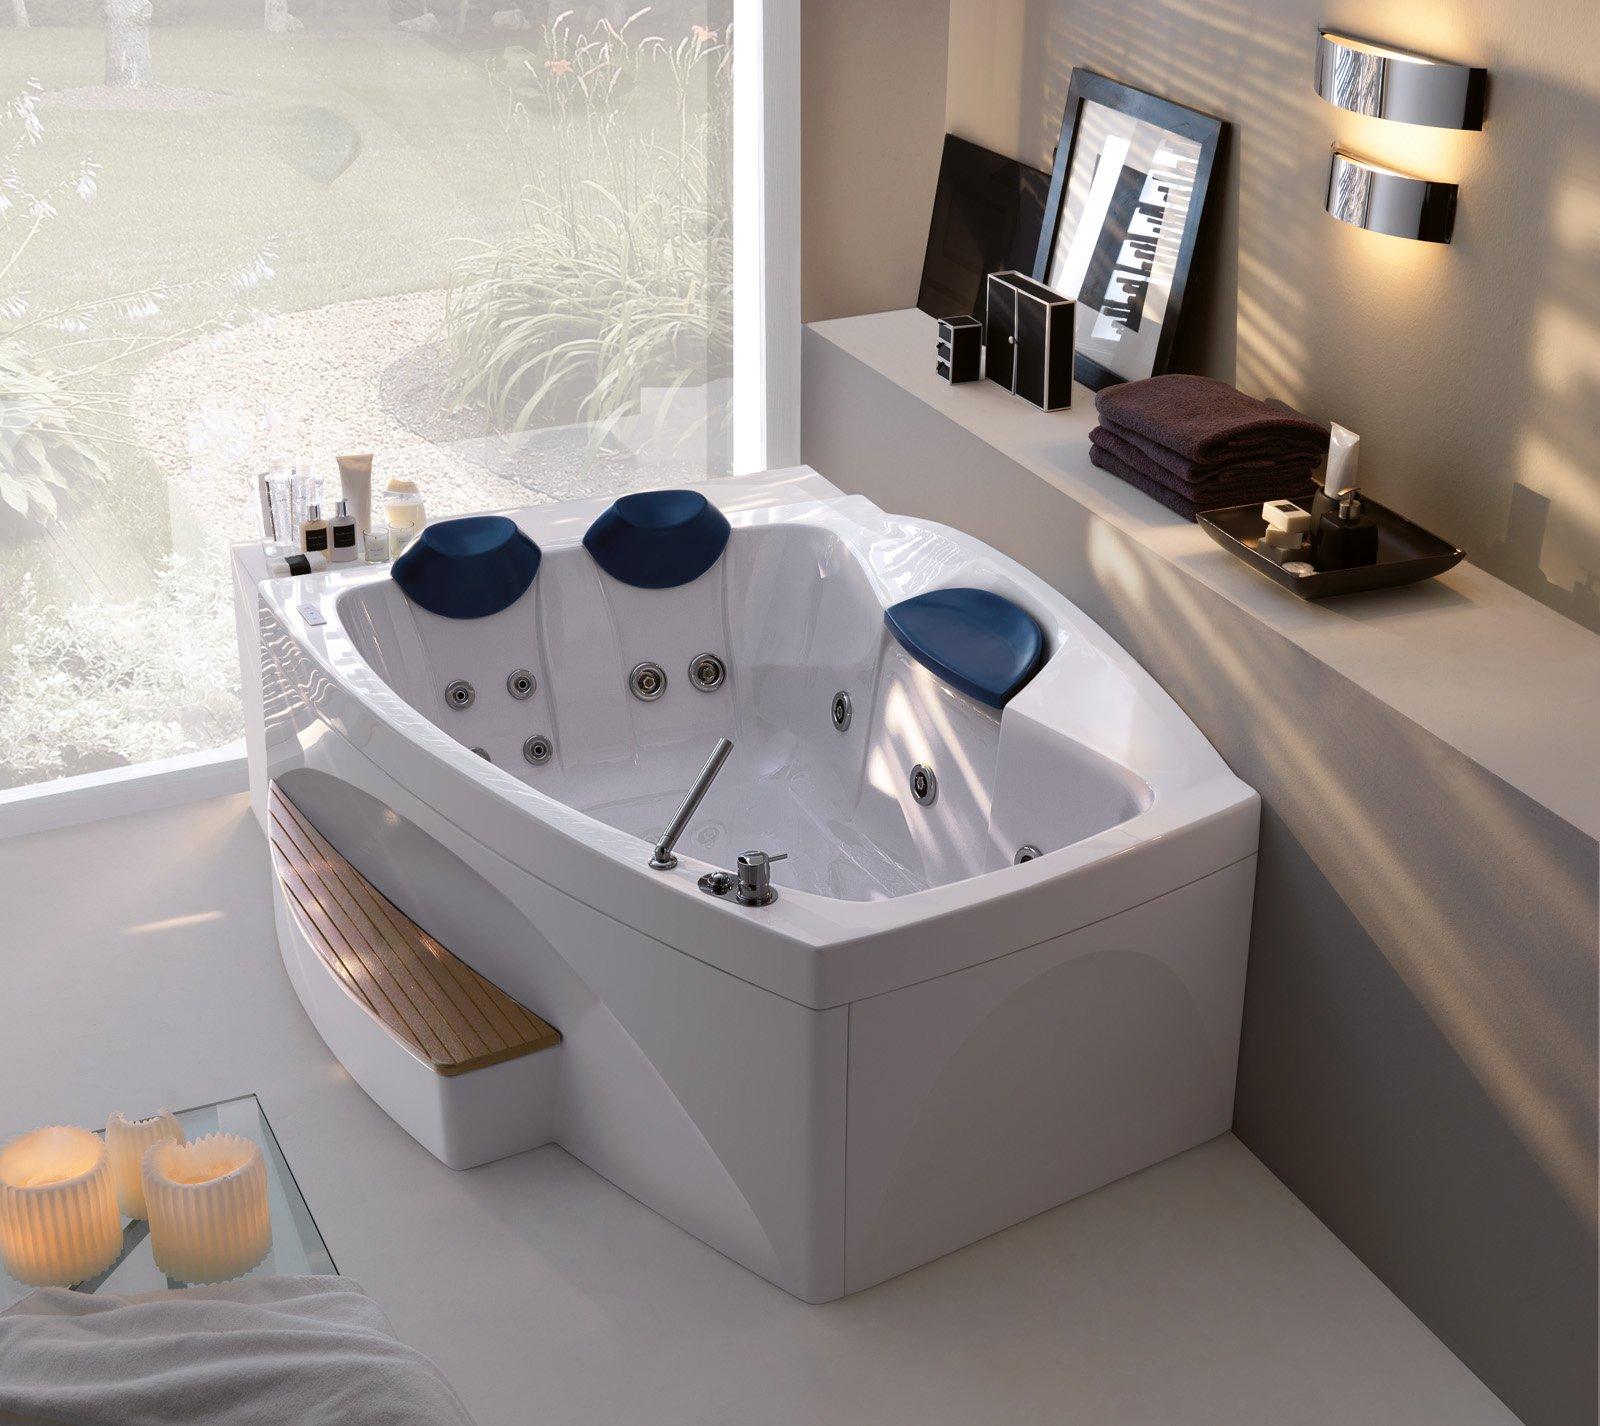 vasca con arredo bagno ed accessori